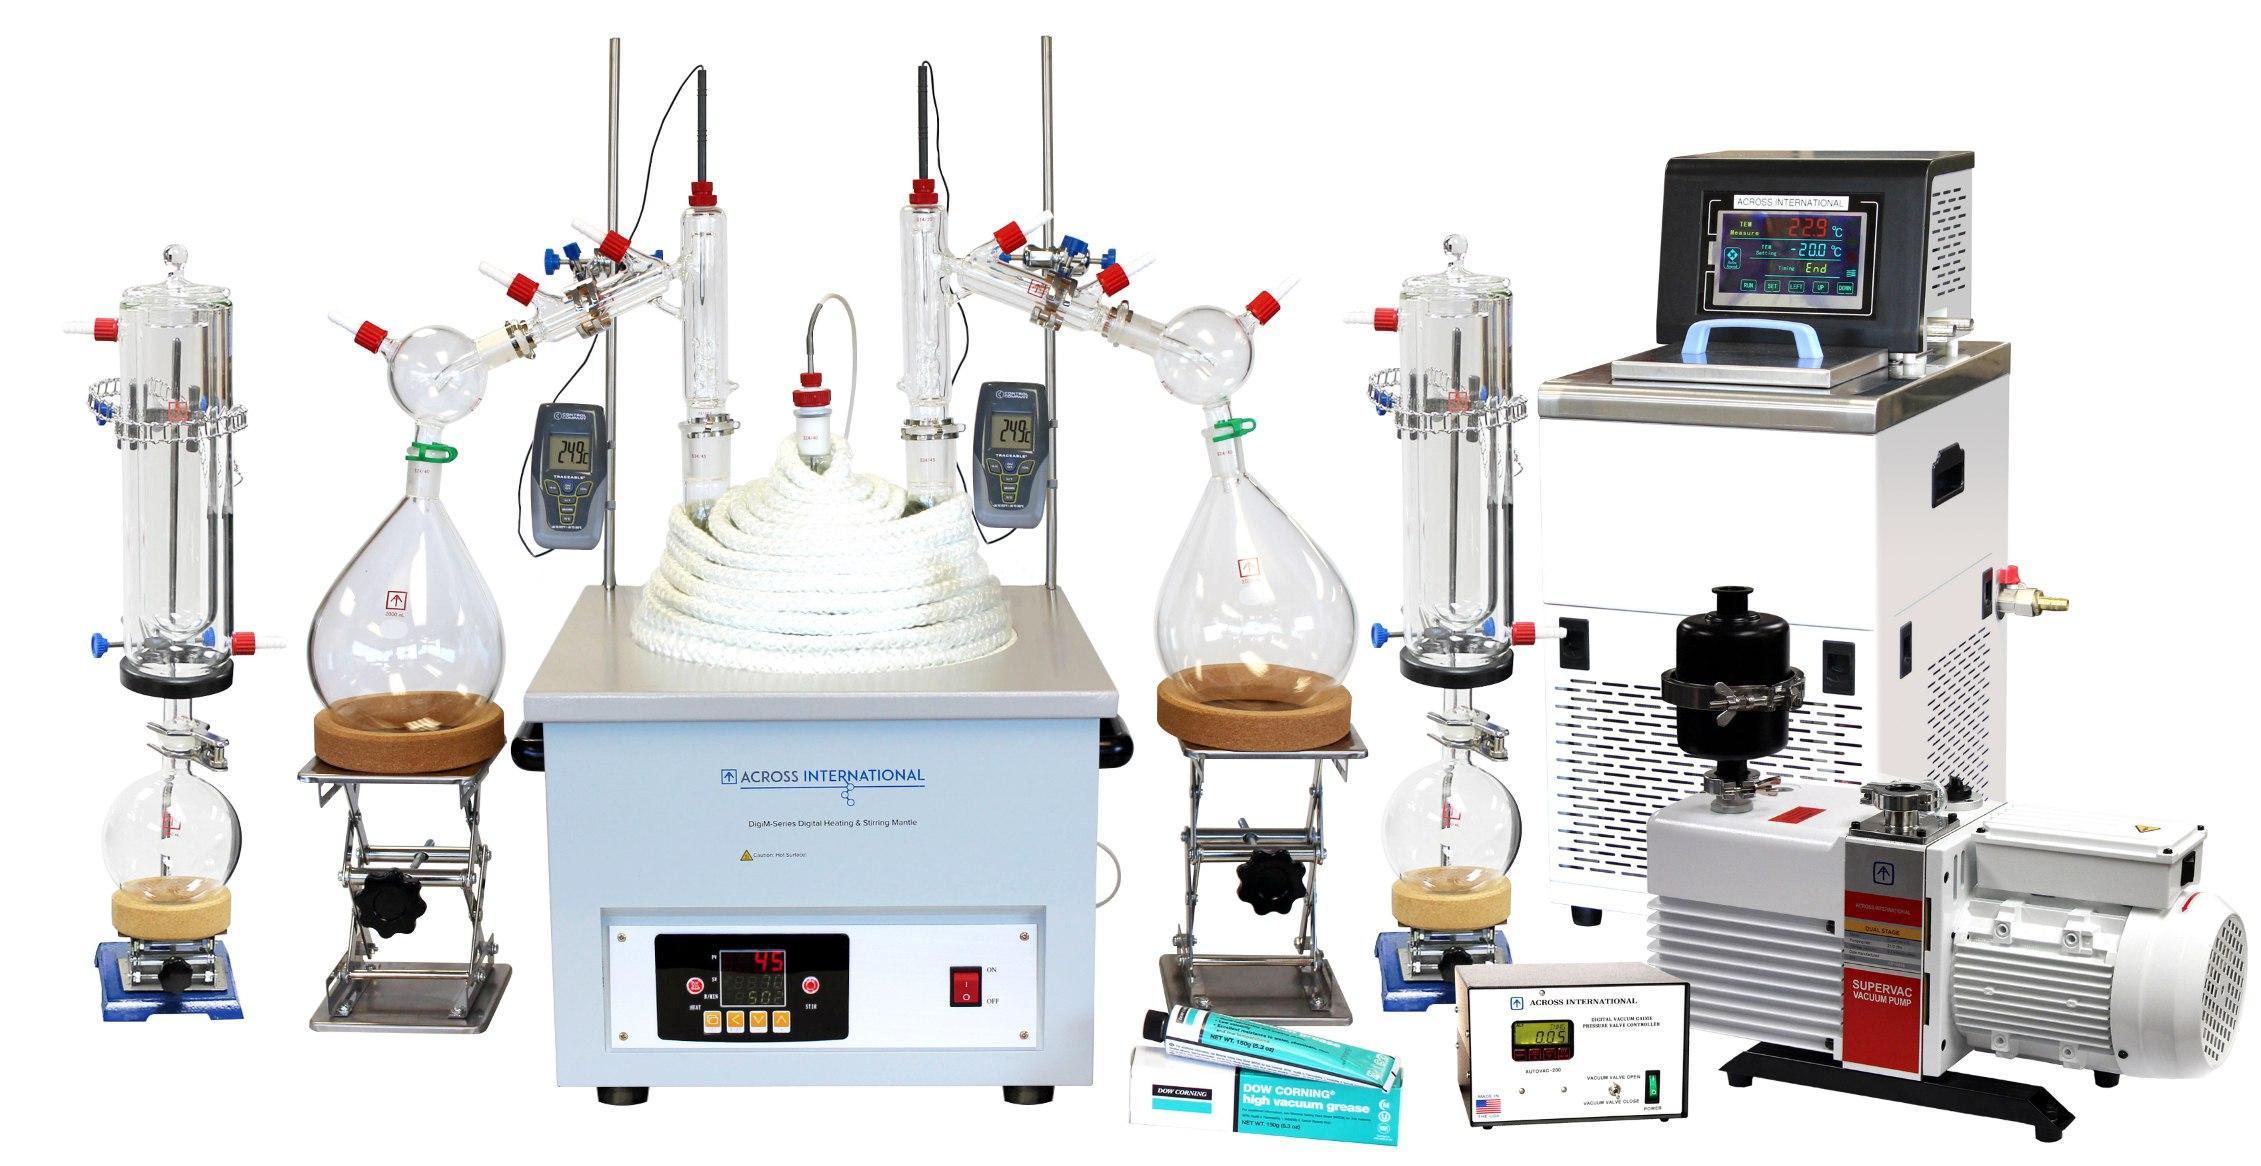 количество ресурсов картинки химического лабораторного оборудования название биксбит очень